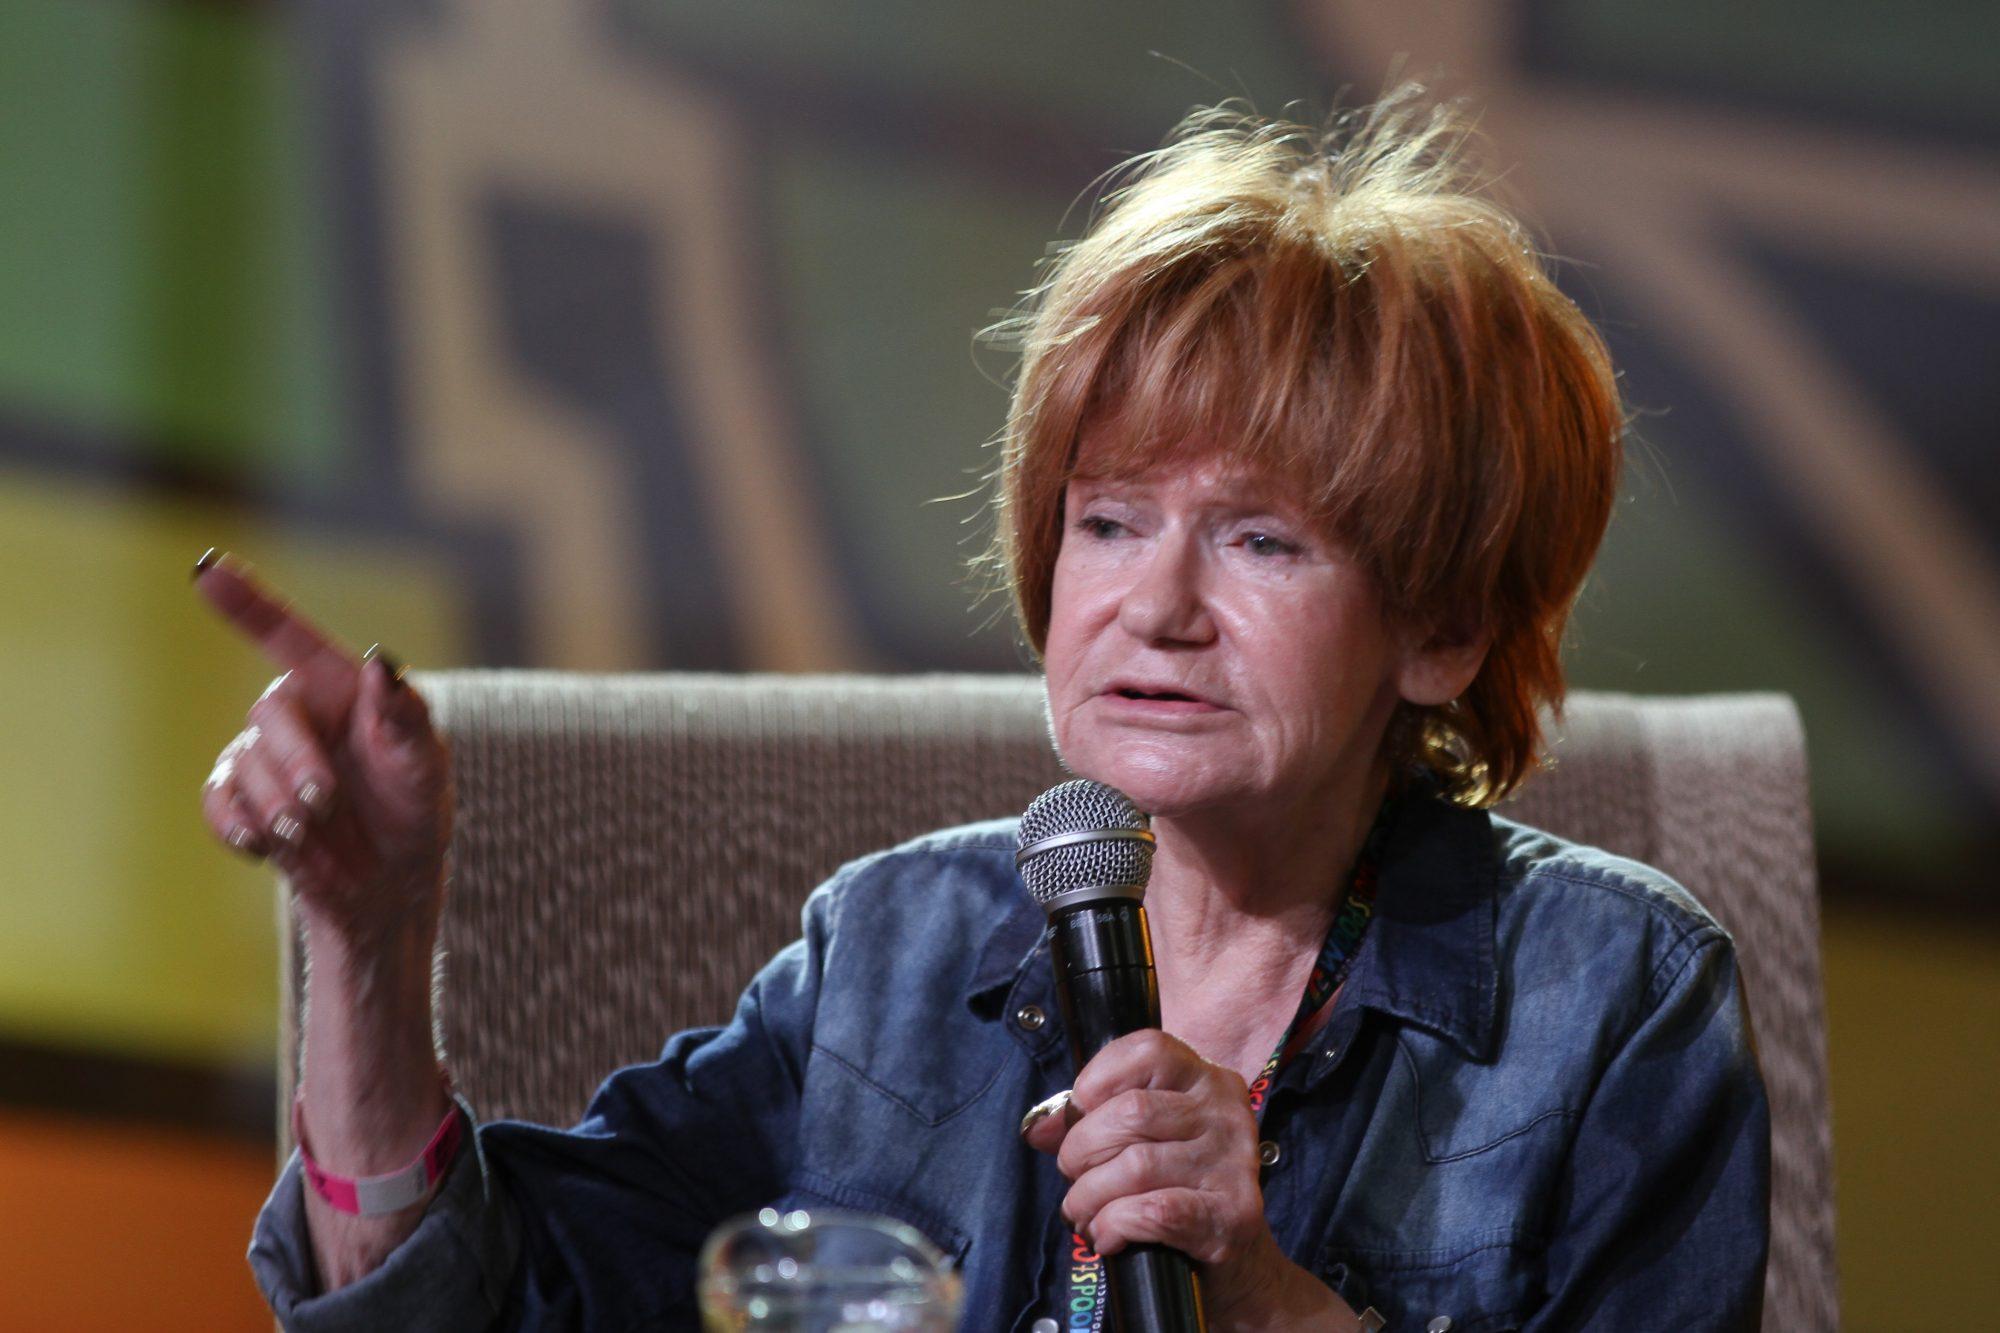 Maria Czubaszek Najlepsze Cytaty Z Kobiety Wyklętej